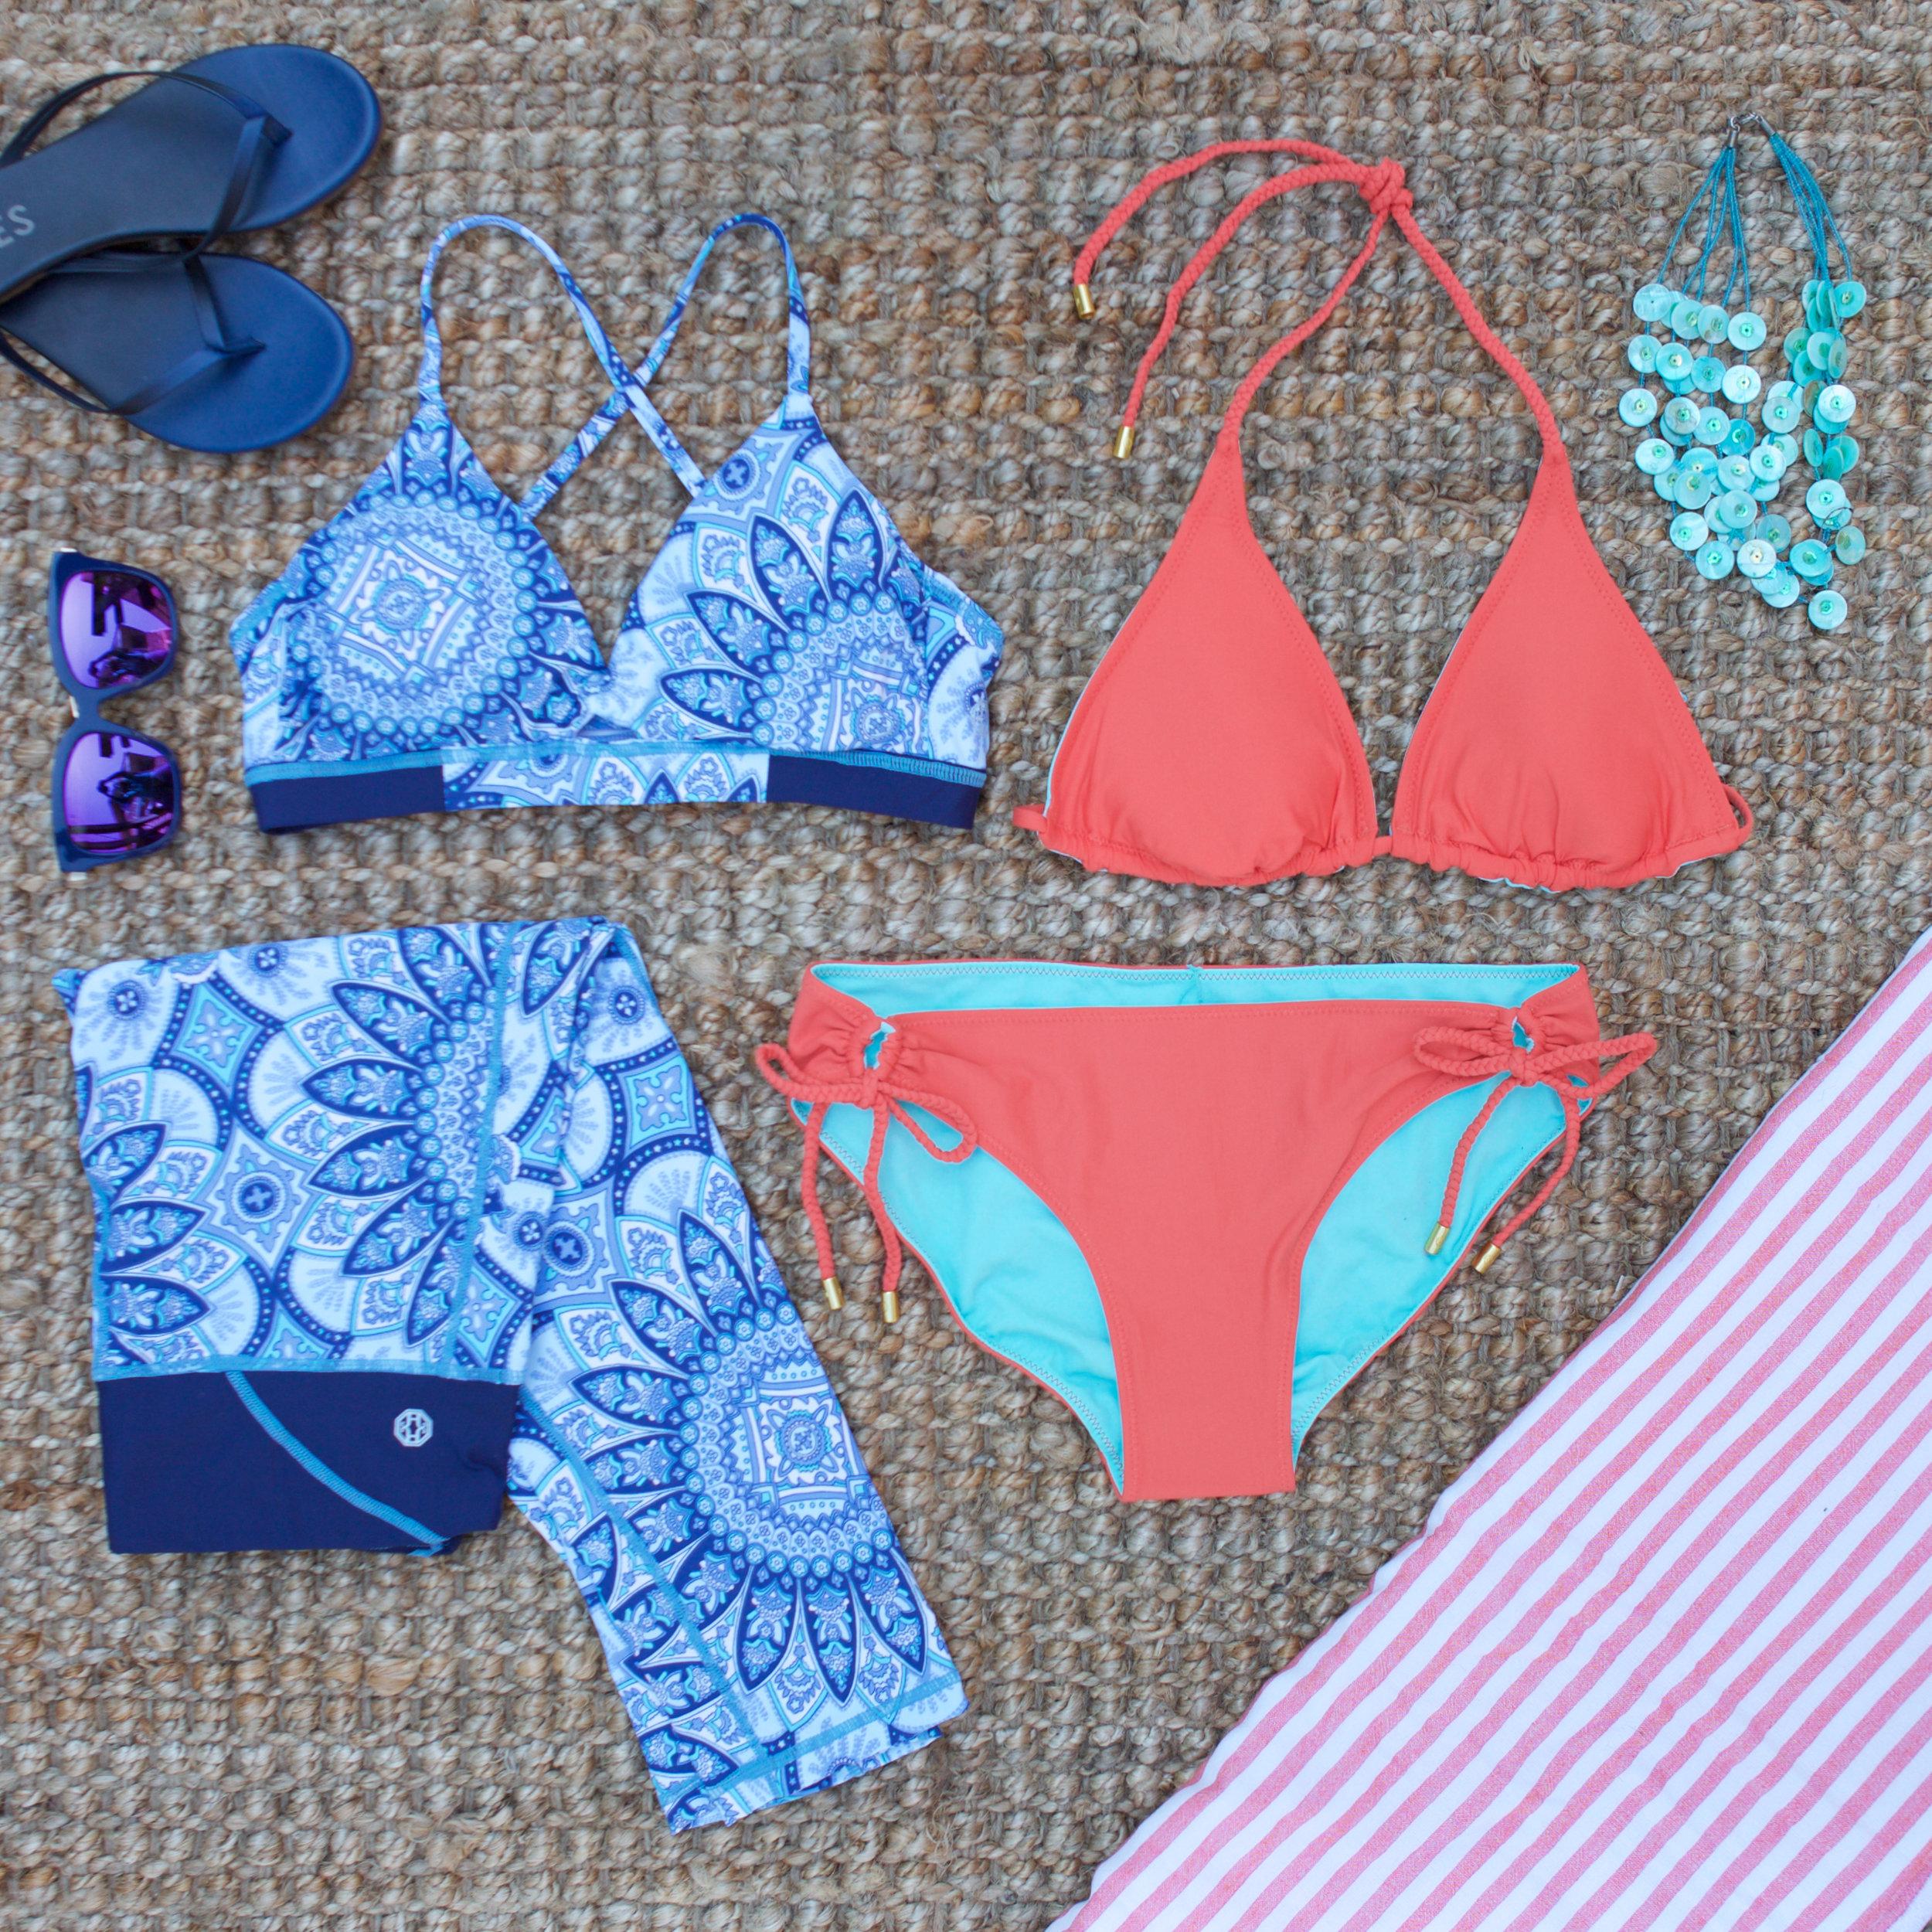 Lotus Capri  AND  Serenity Bra  AND  Reversible String Bikini Top with Braid-Coral  +  Reversible Tunnel Hipster Bikini Bottom with Braid-Coral